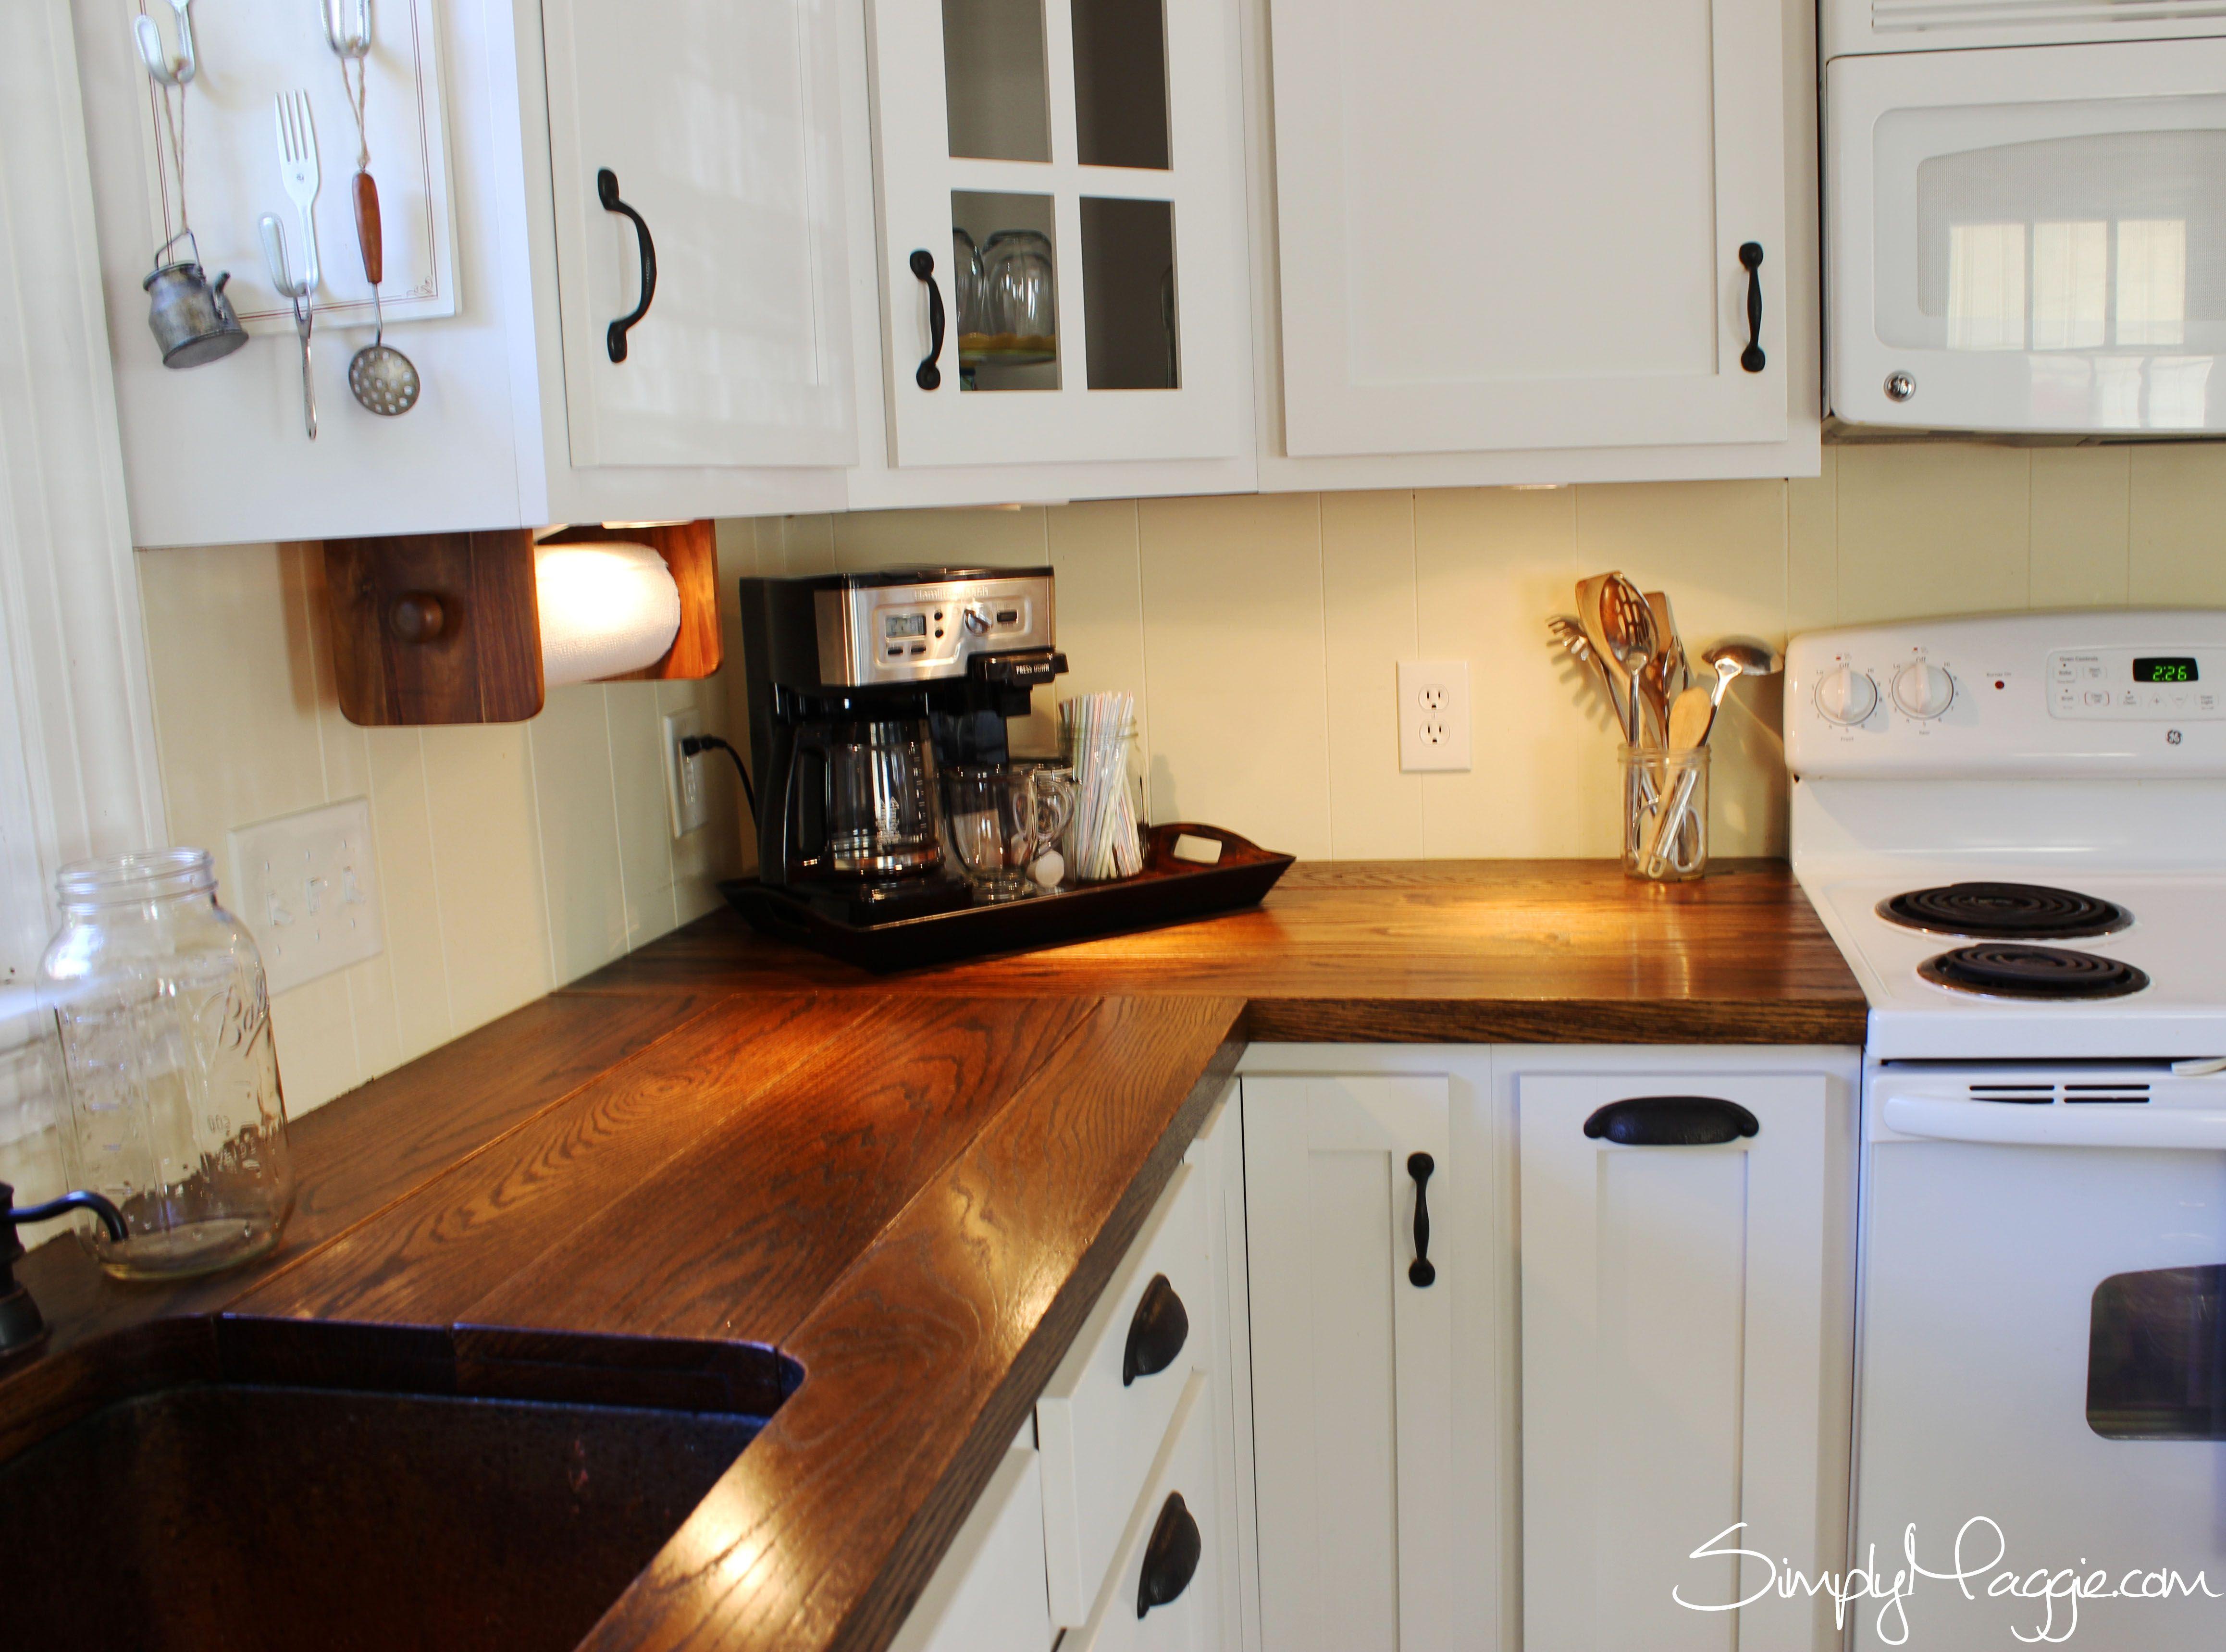 butcher block kitchen countertops Under Cabinet Lighting DIY Wide Plank Butcher Block Countertops www SimplyMaggie com I